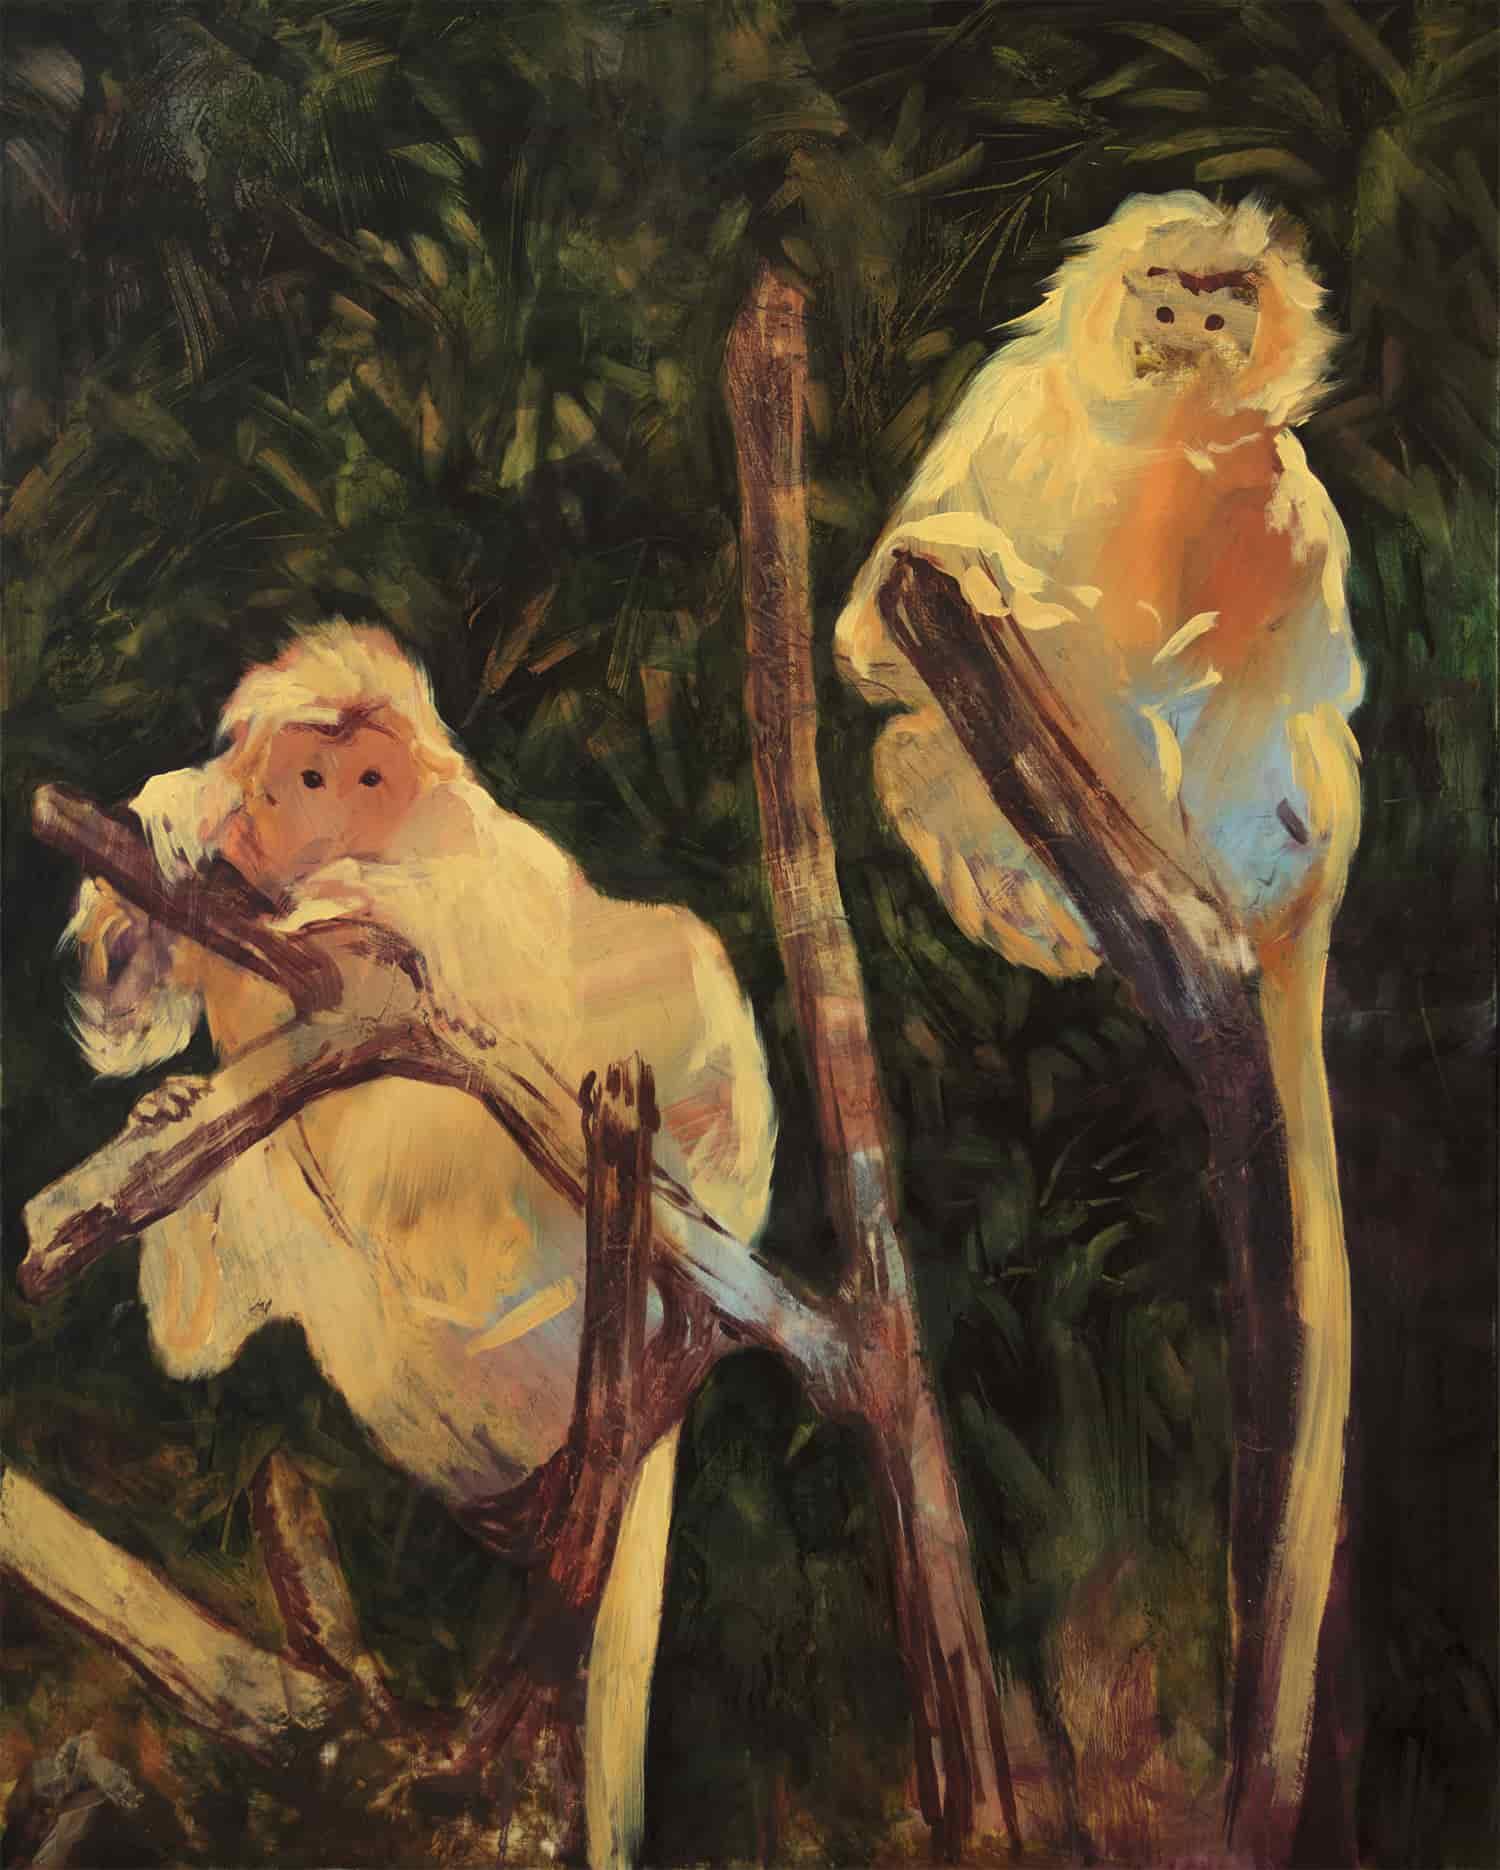 Lorella Paleni, Stray 4, huile sur alumnacomb, 70 x 60 cm, 2020